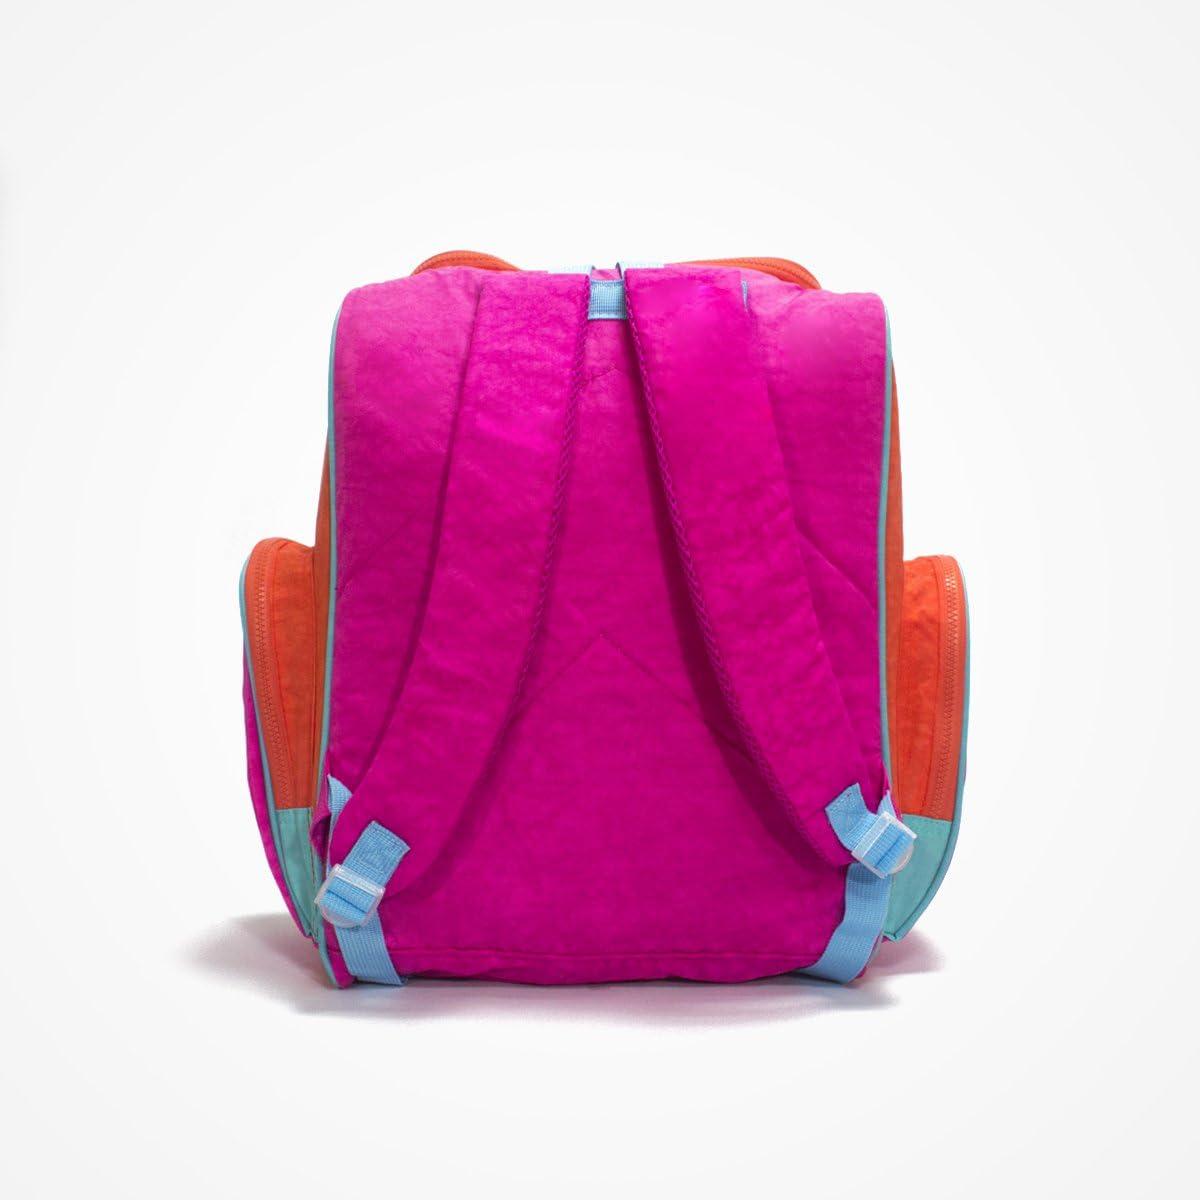 Biglove Kids Backpack